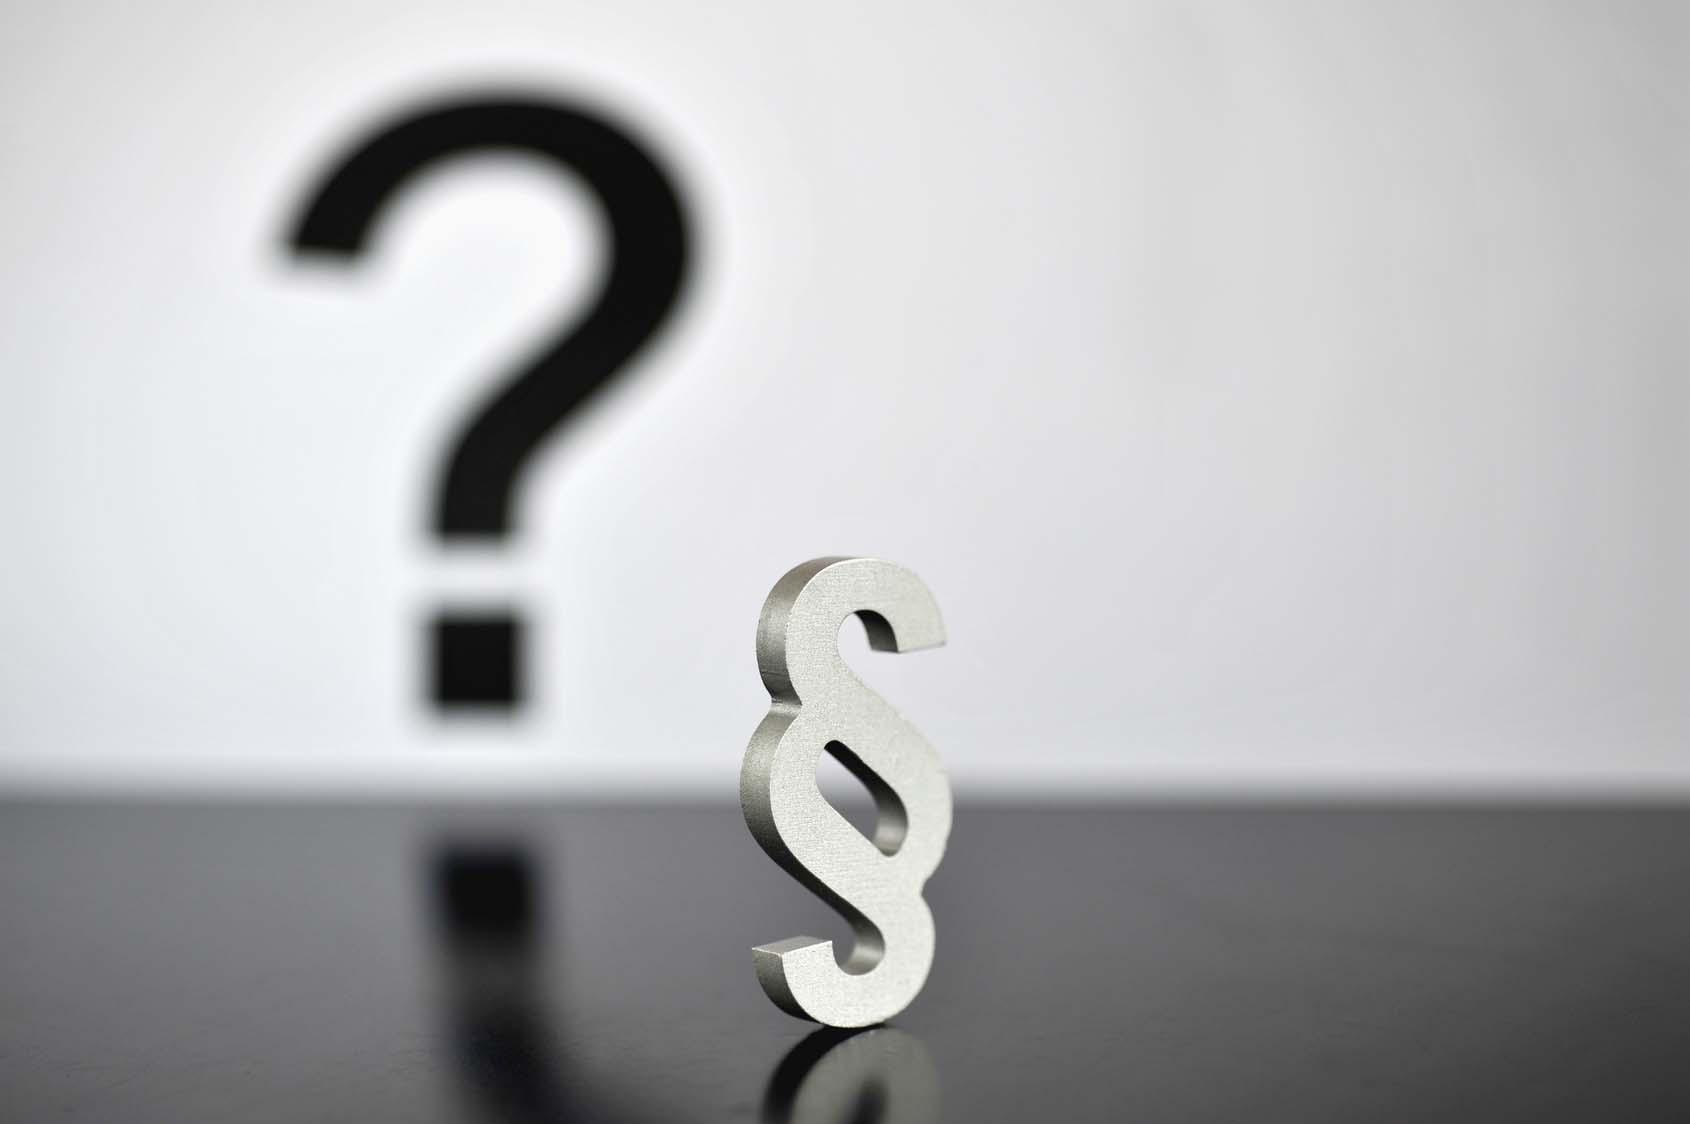 Kennen Sie die Abgrenzung zwischen steuerbegünstigtem Zweckbetrieb und steuerpflichtigem wirtschaftlichen Geschäftsbetrieb?